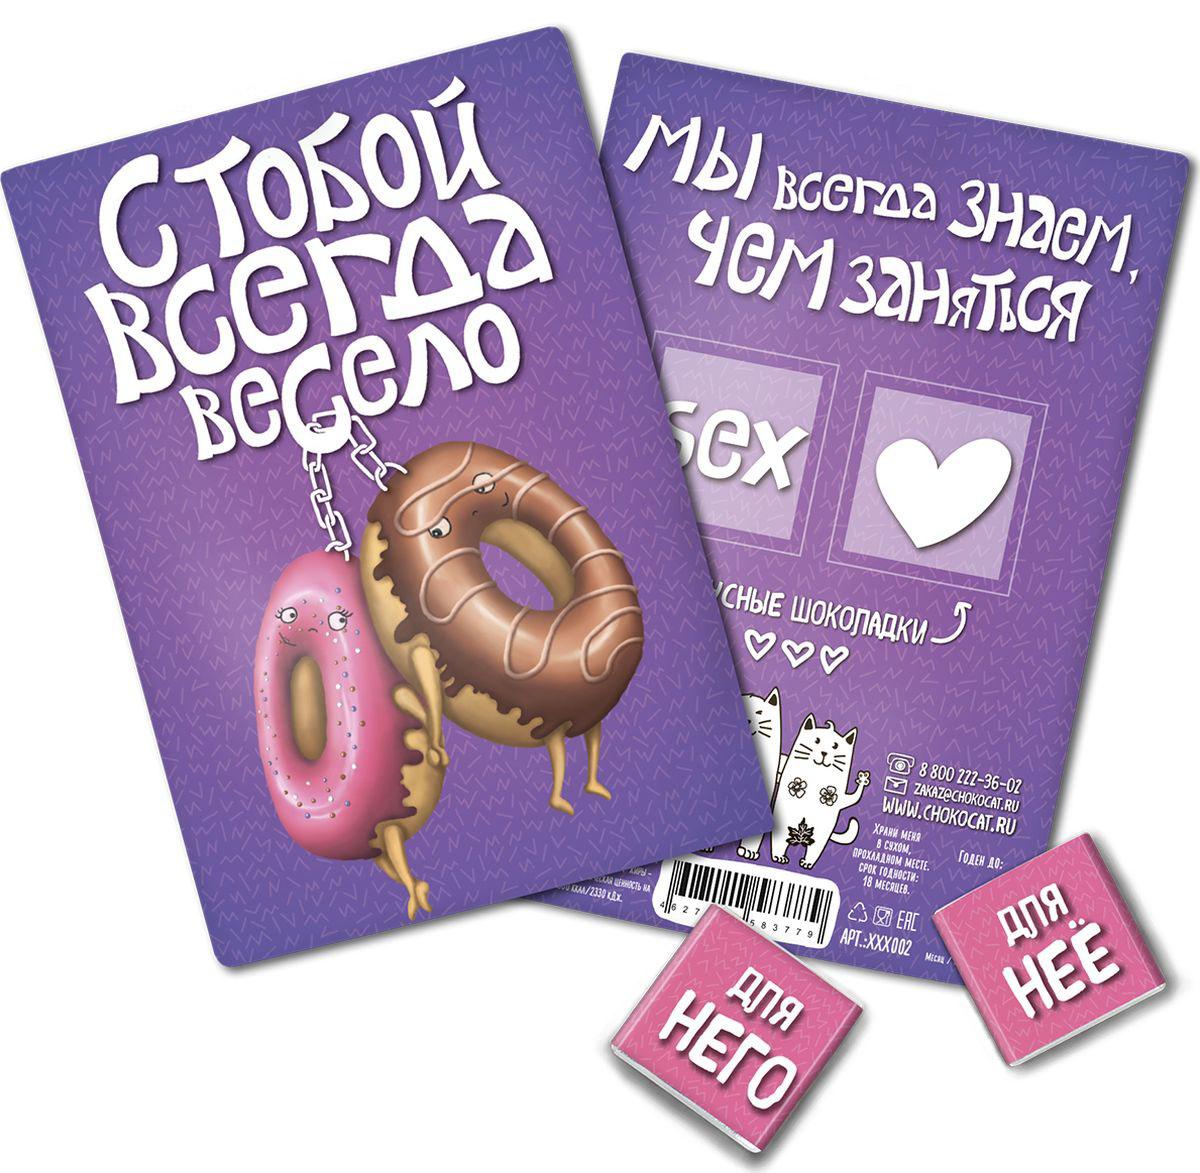 Chokocat С тобой всегда весело открытка, 10 г chokocat могучий кот молочный шоколад 50 г